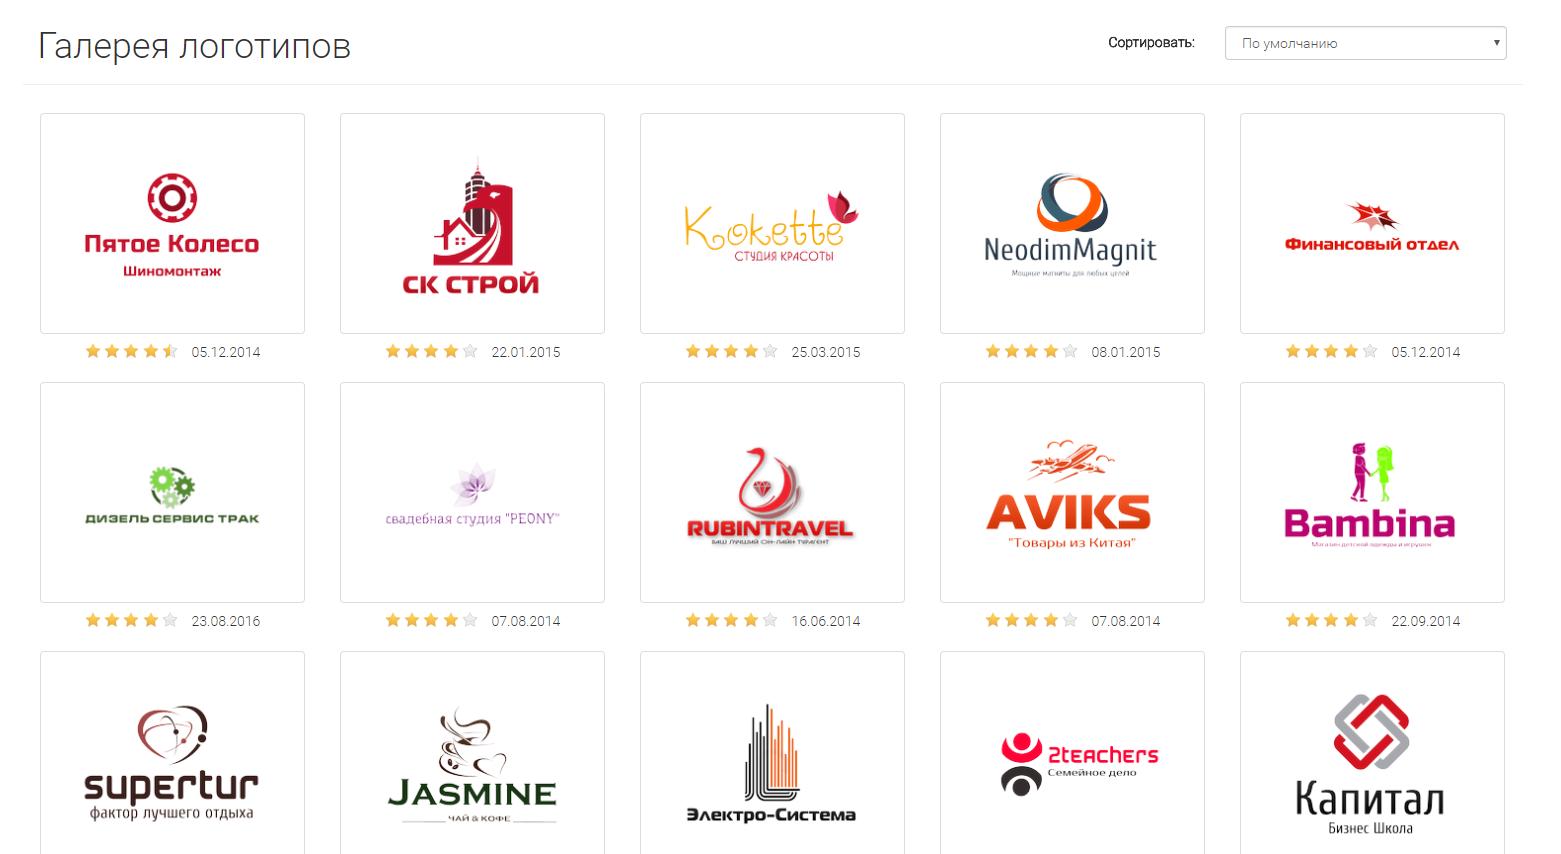 5bed71600e6 7 - Почему компании нужен логотип и как его создать самостоятельно